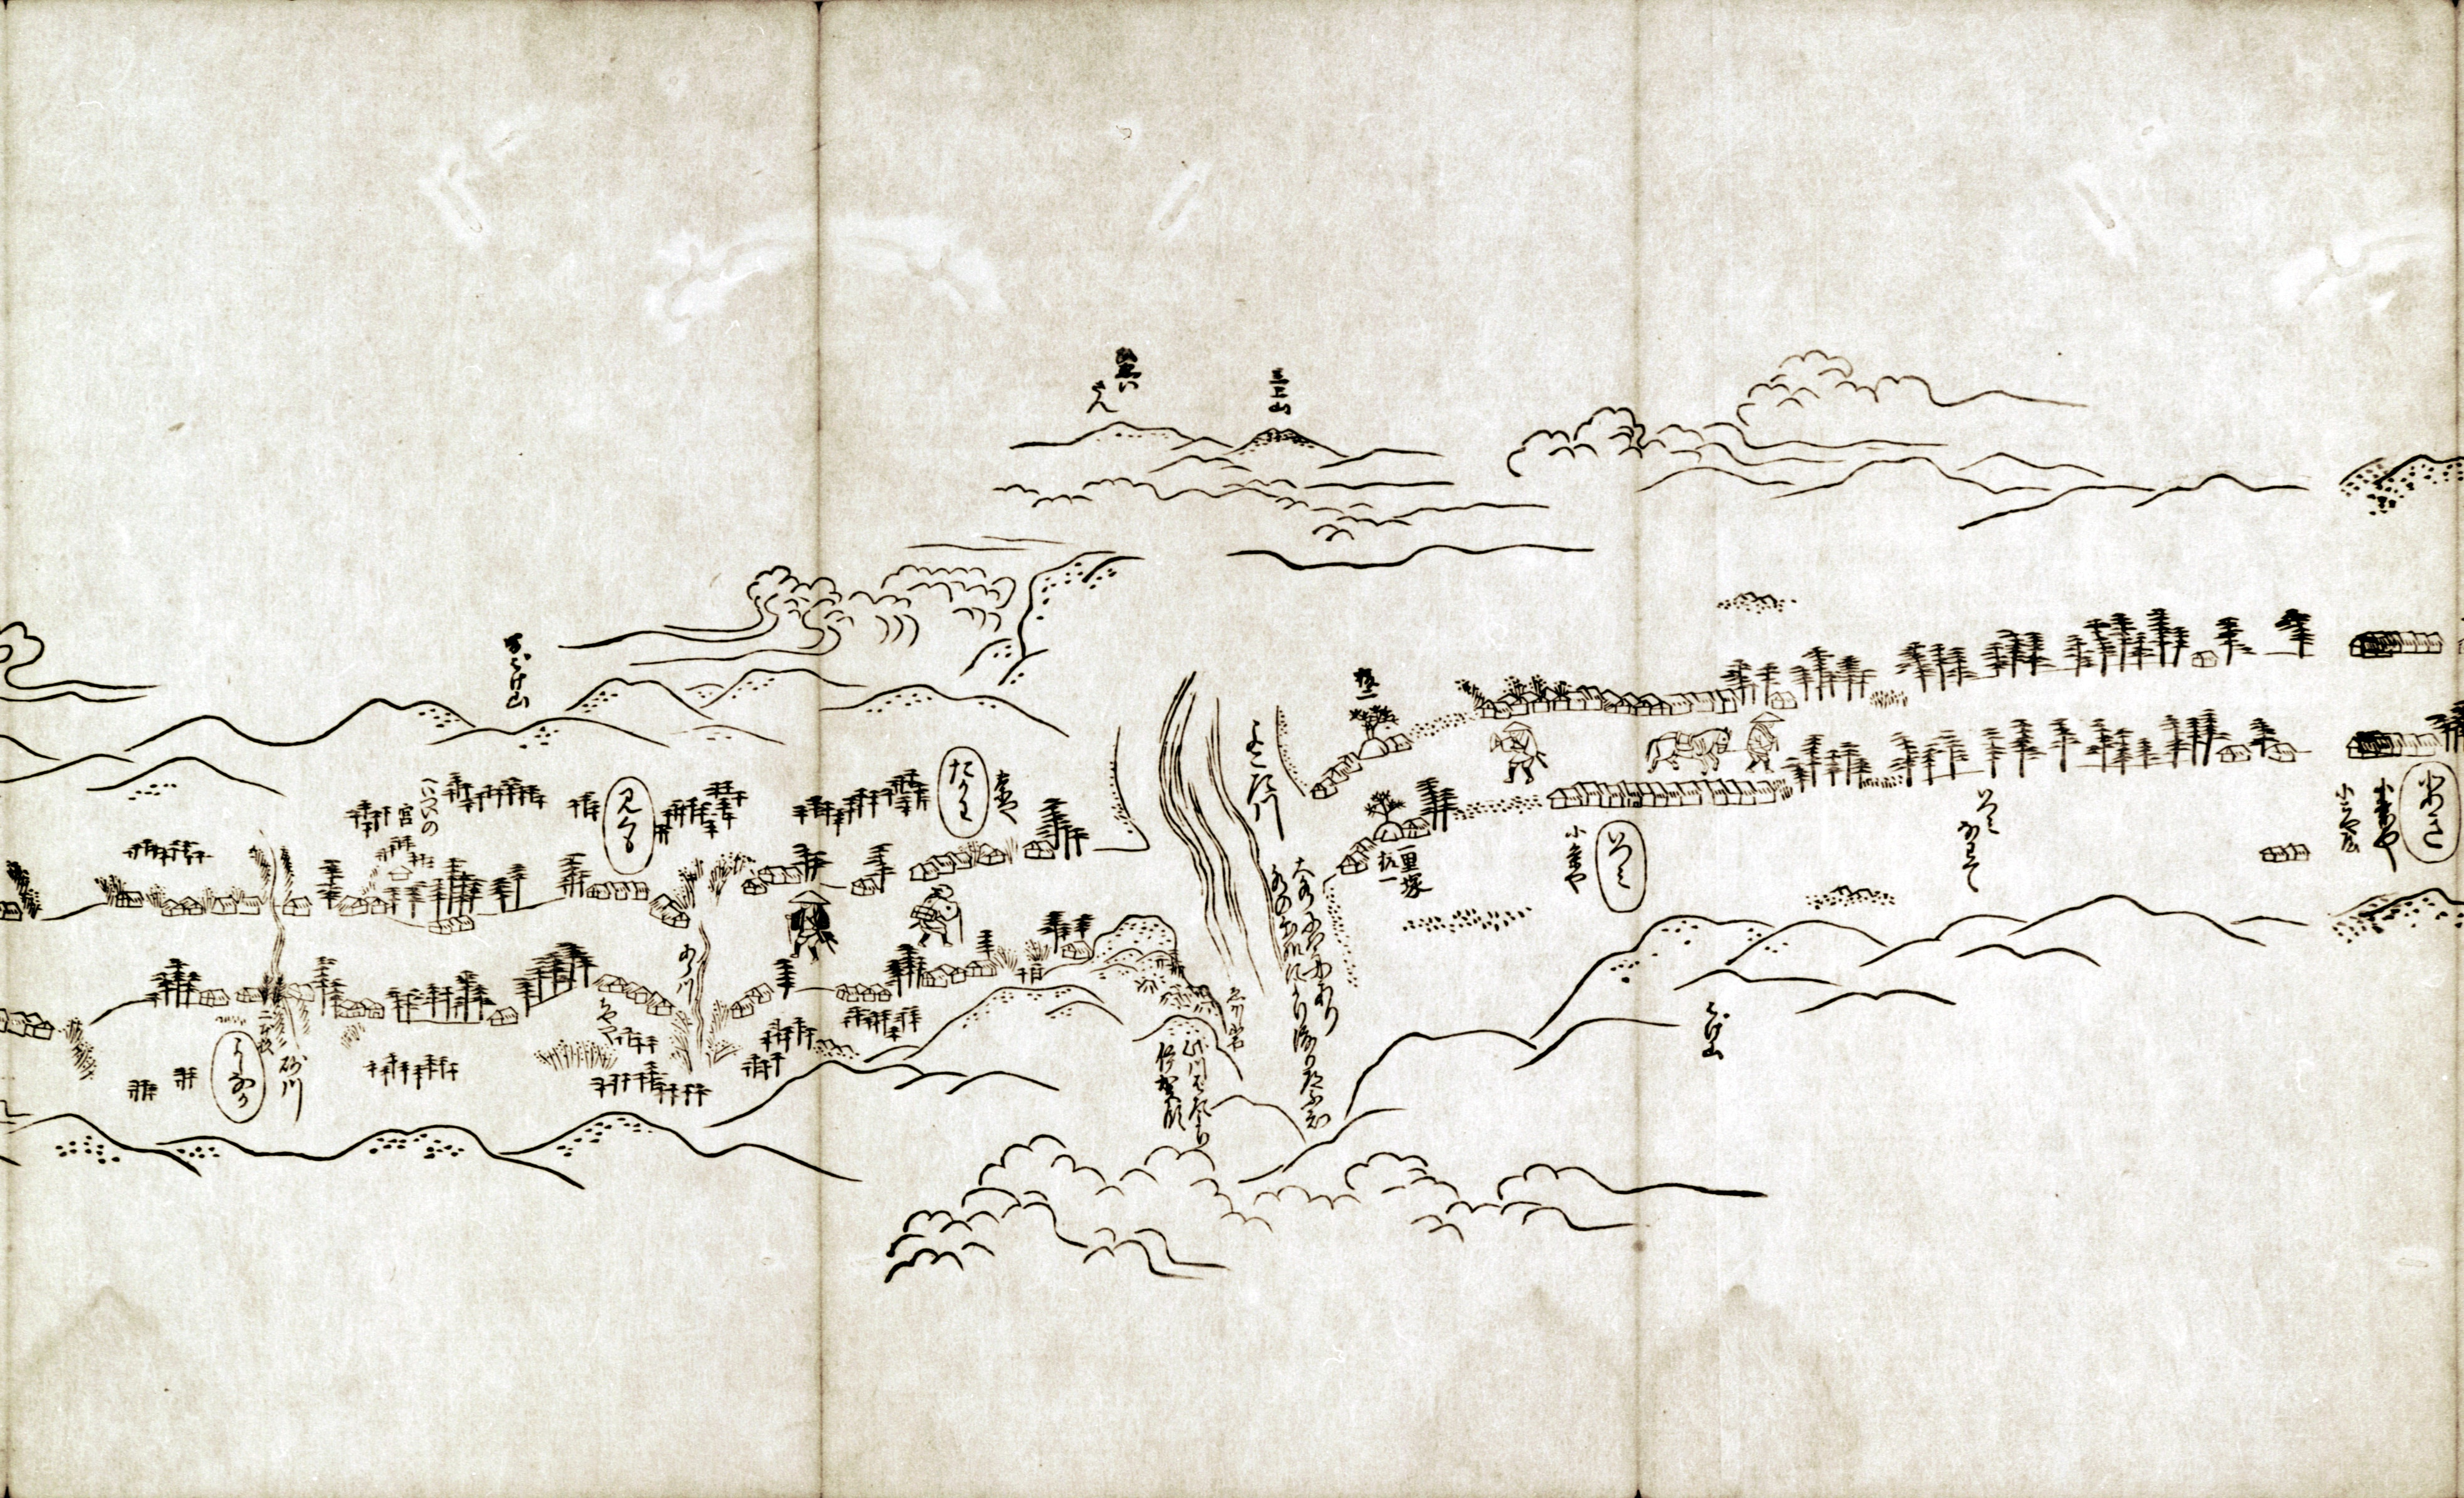 東海道分間之図 七十四